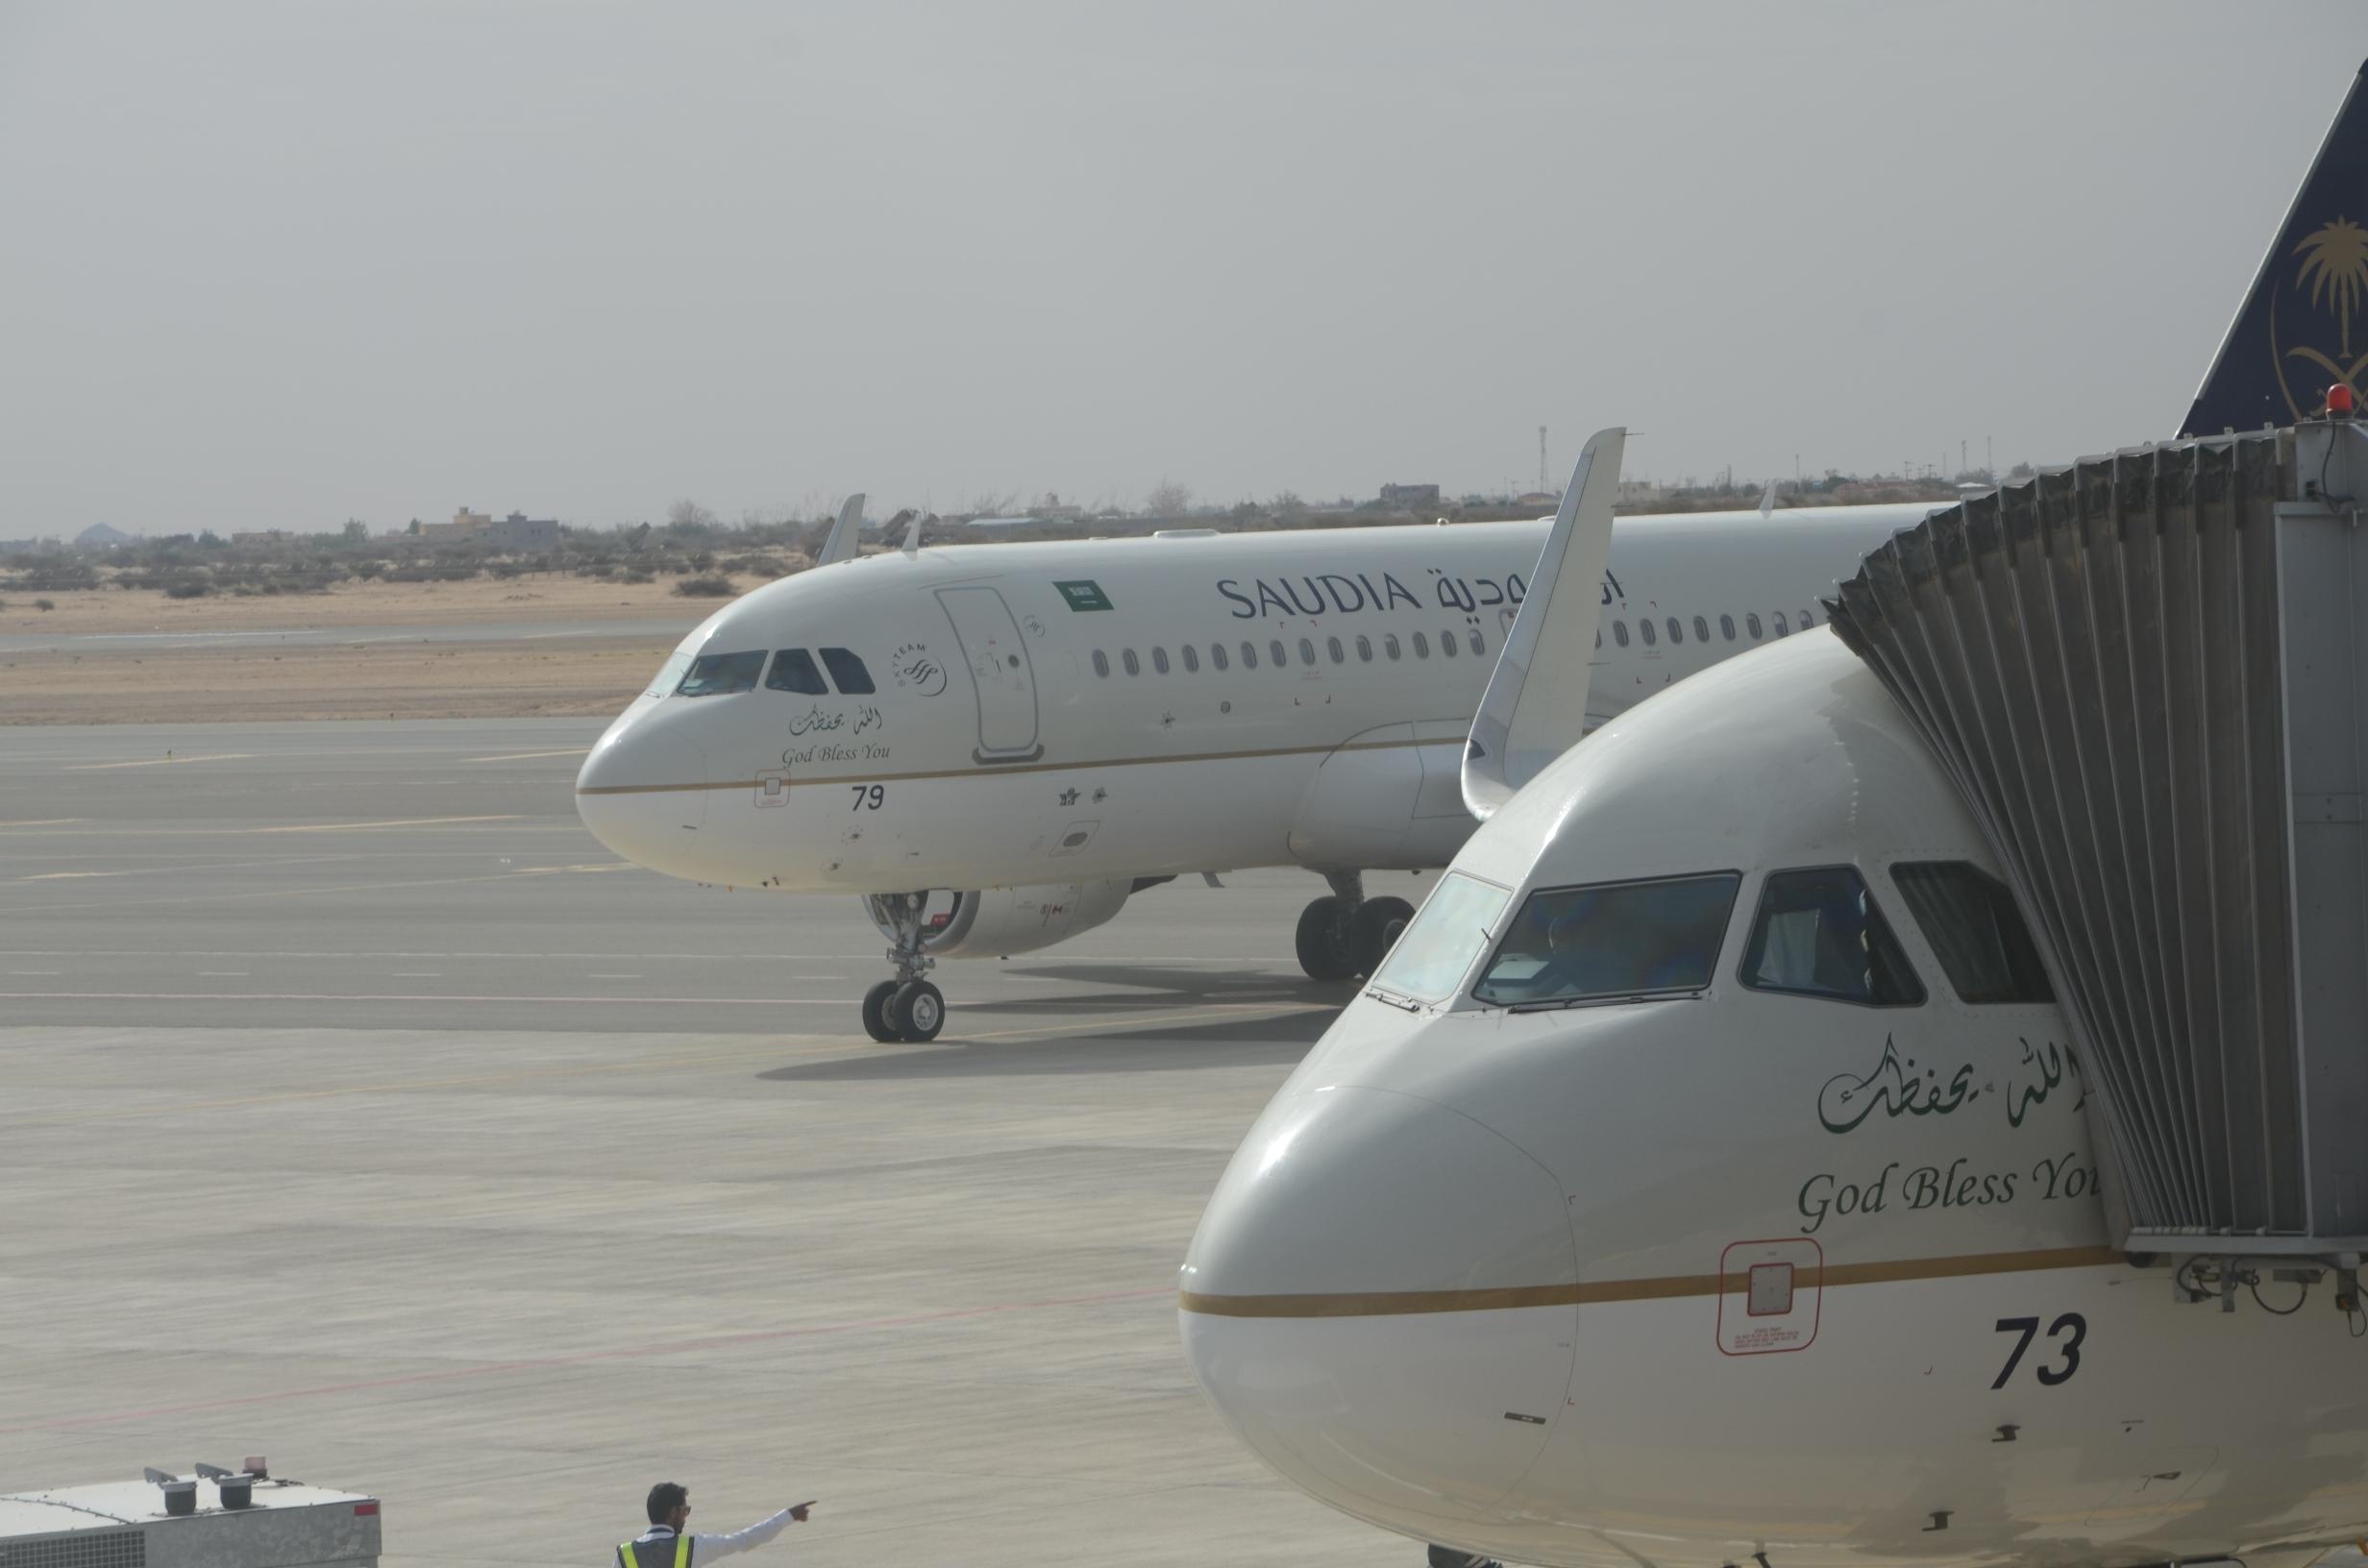 طائرة الخطوط السعودية كما بدت اليوم بمطار نجران